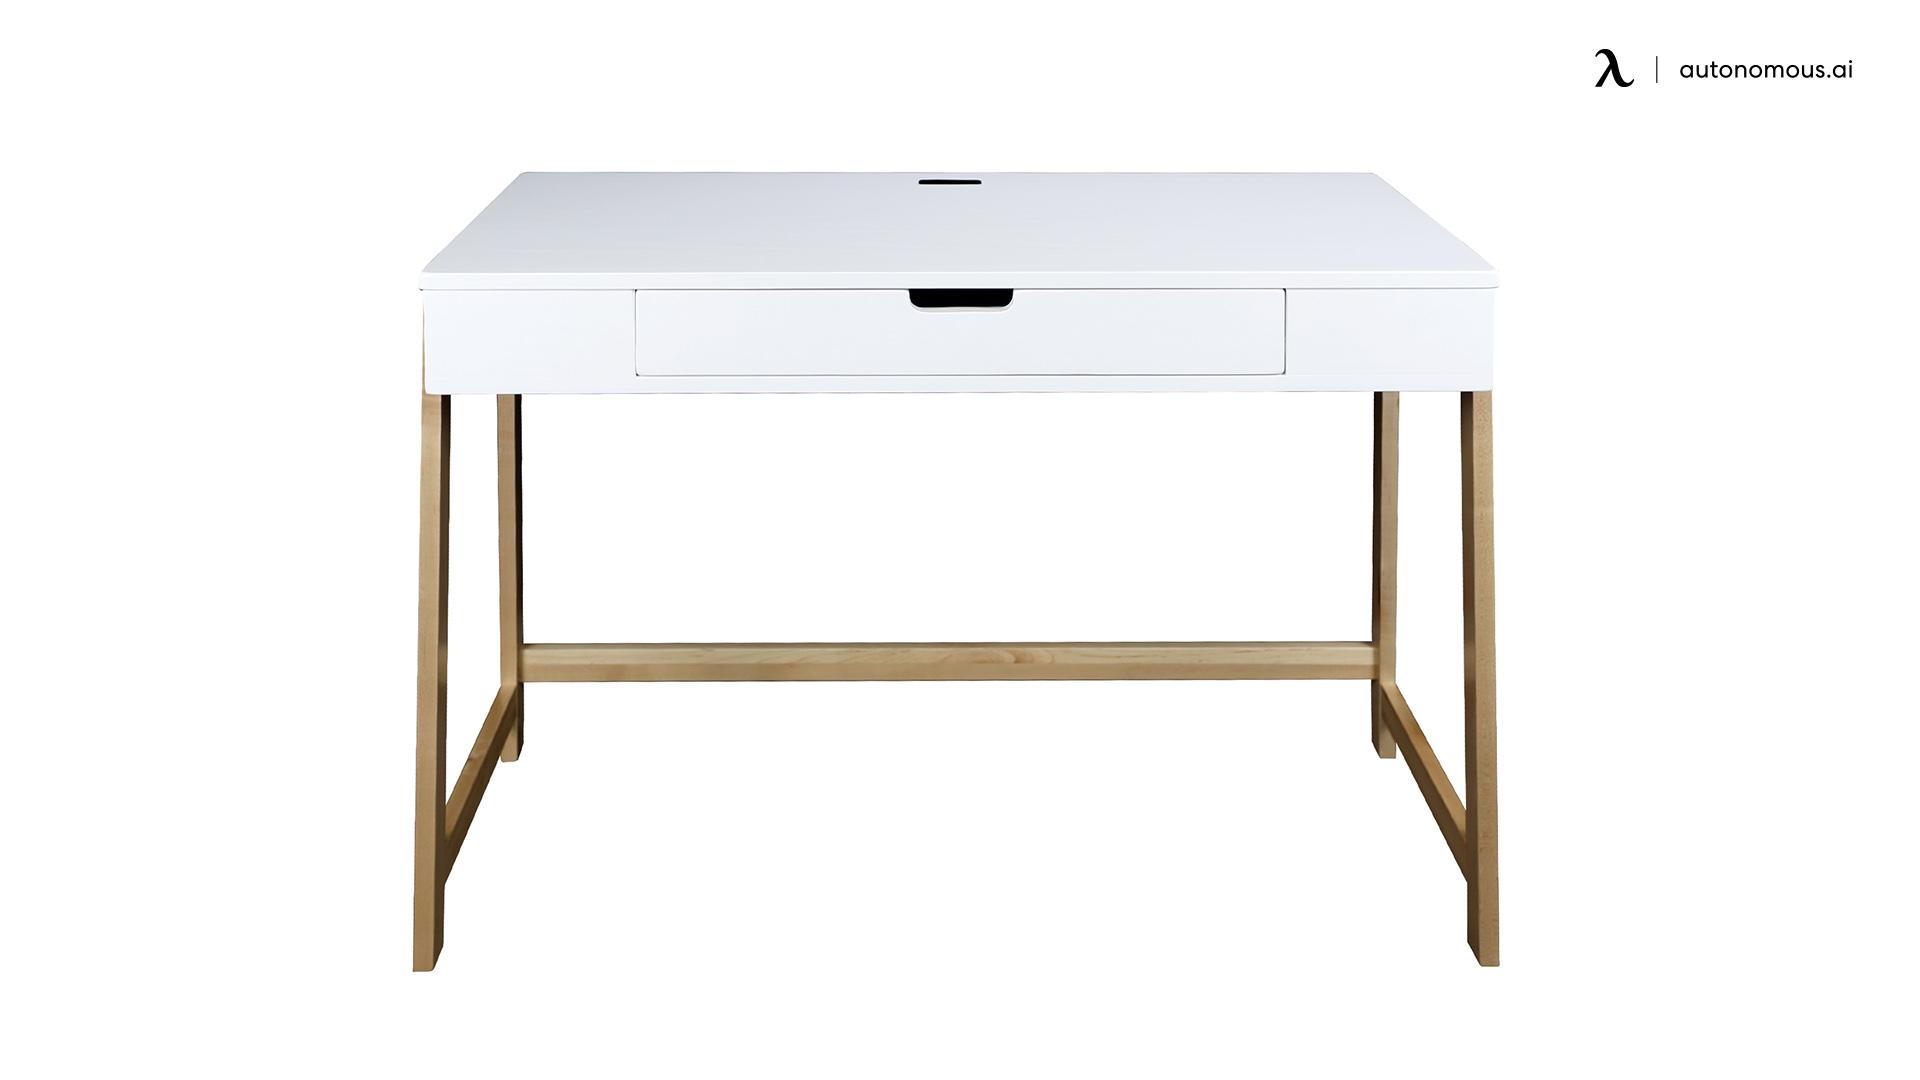 Smart Desk by Neorustic